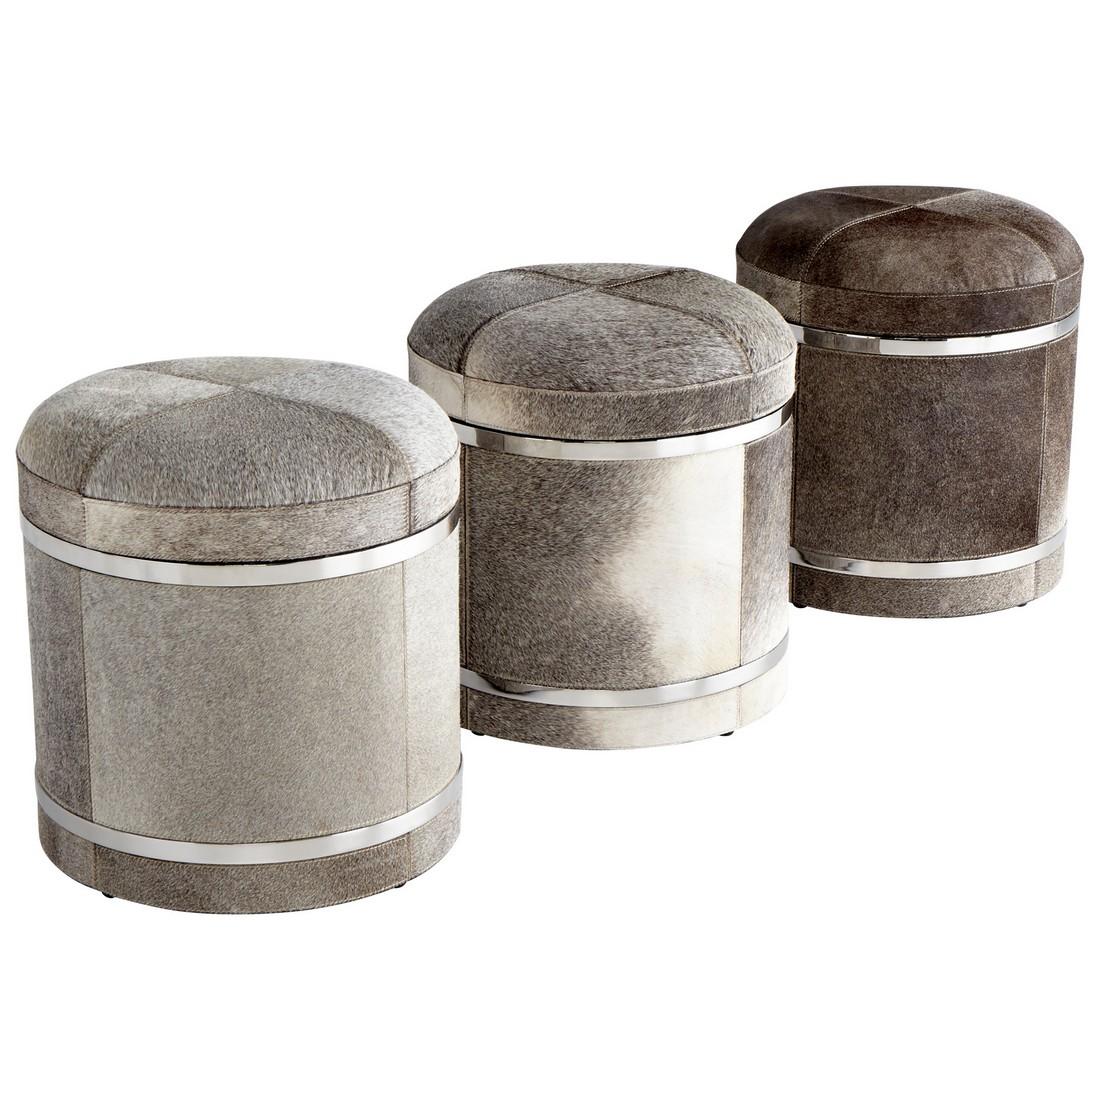 Cyan Design Casselton 18 Stool in Gray